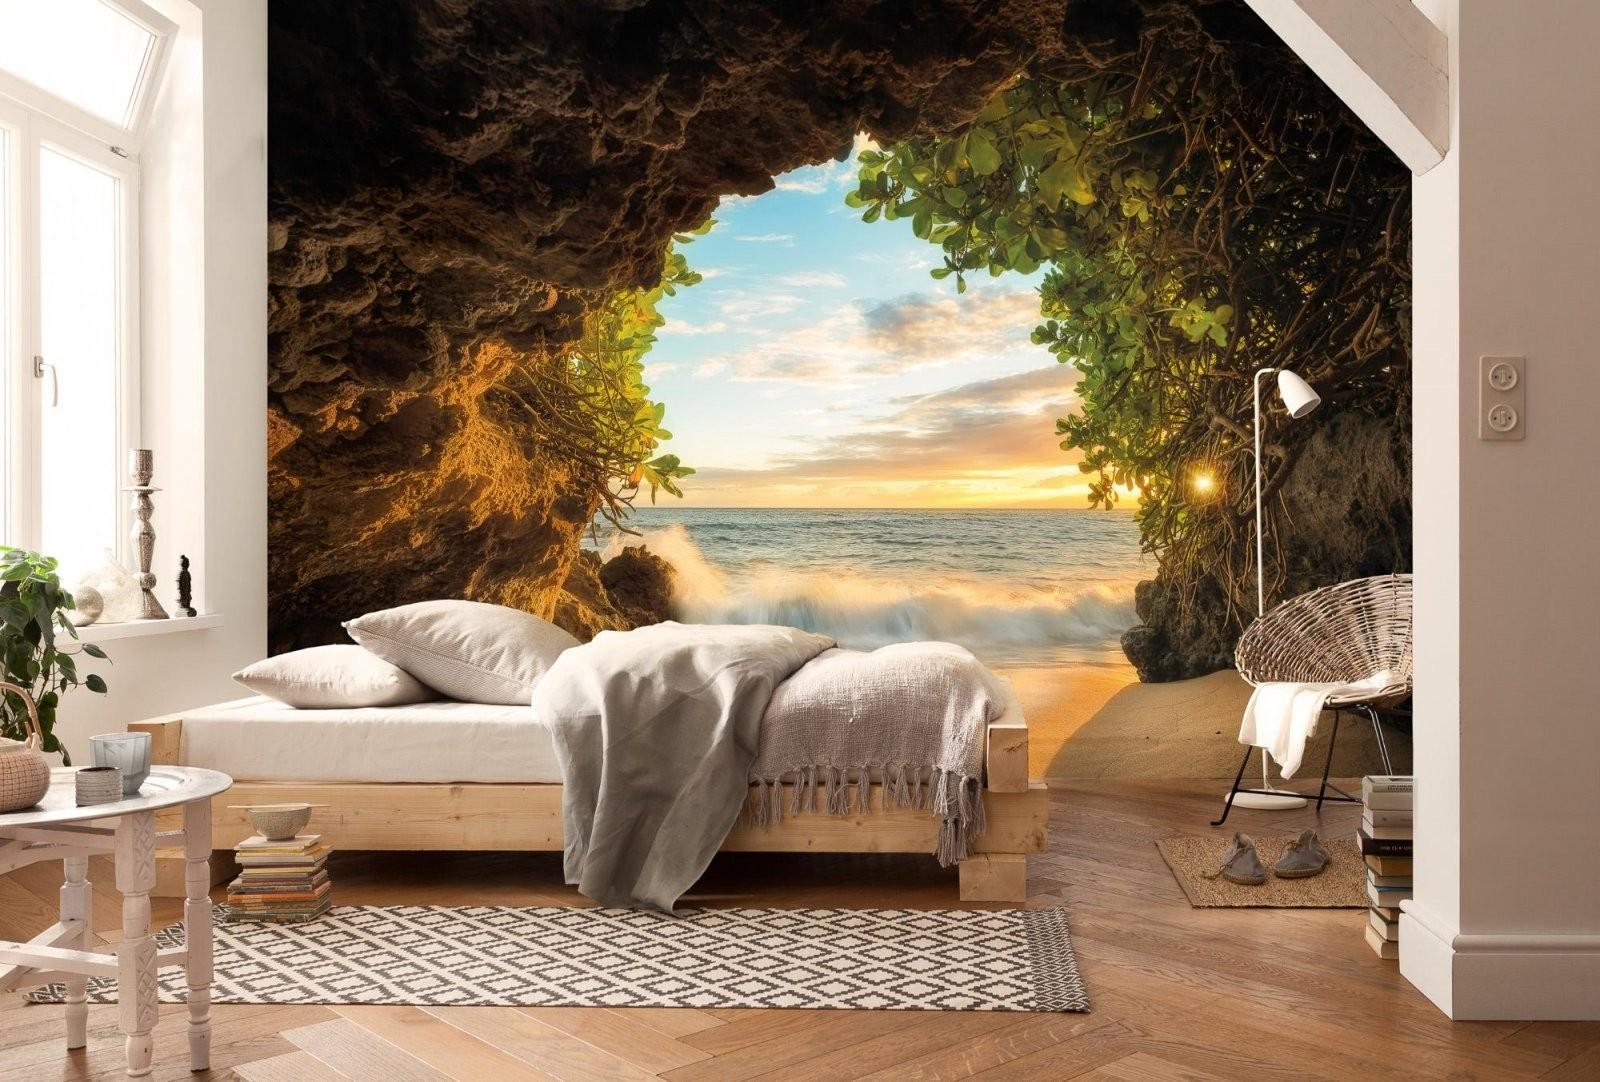 Schlafzimmerwandgestaltung Lass Dich Inspirieren von Schlafzimmer Renovieren Ideen Bilder Photo